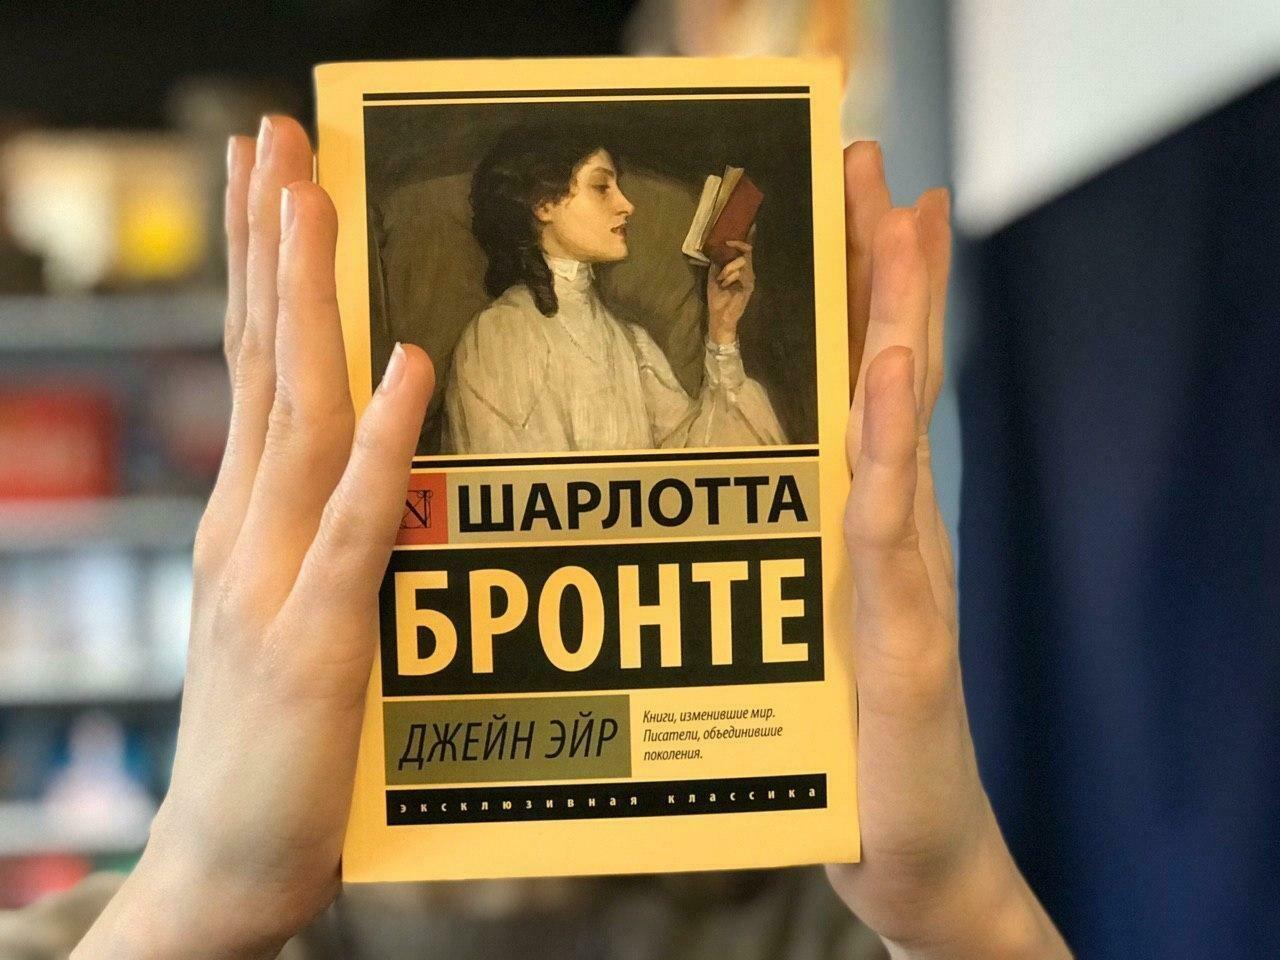 Джейн Эйр Шарлотта Бронте